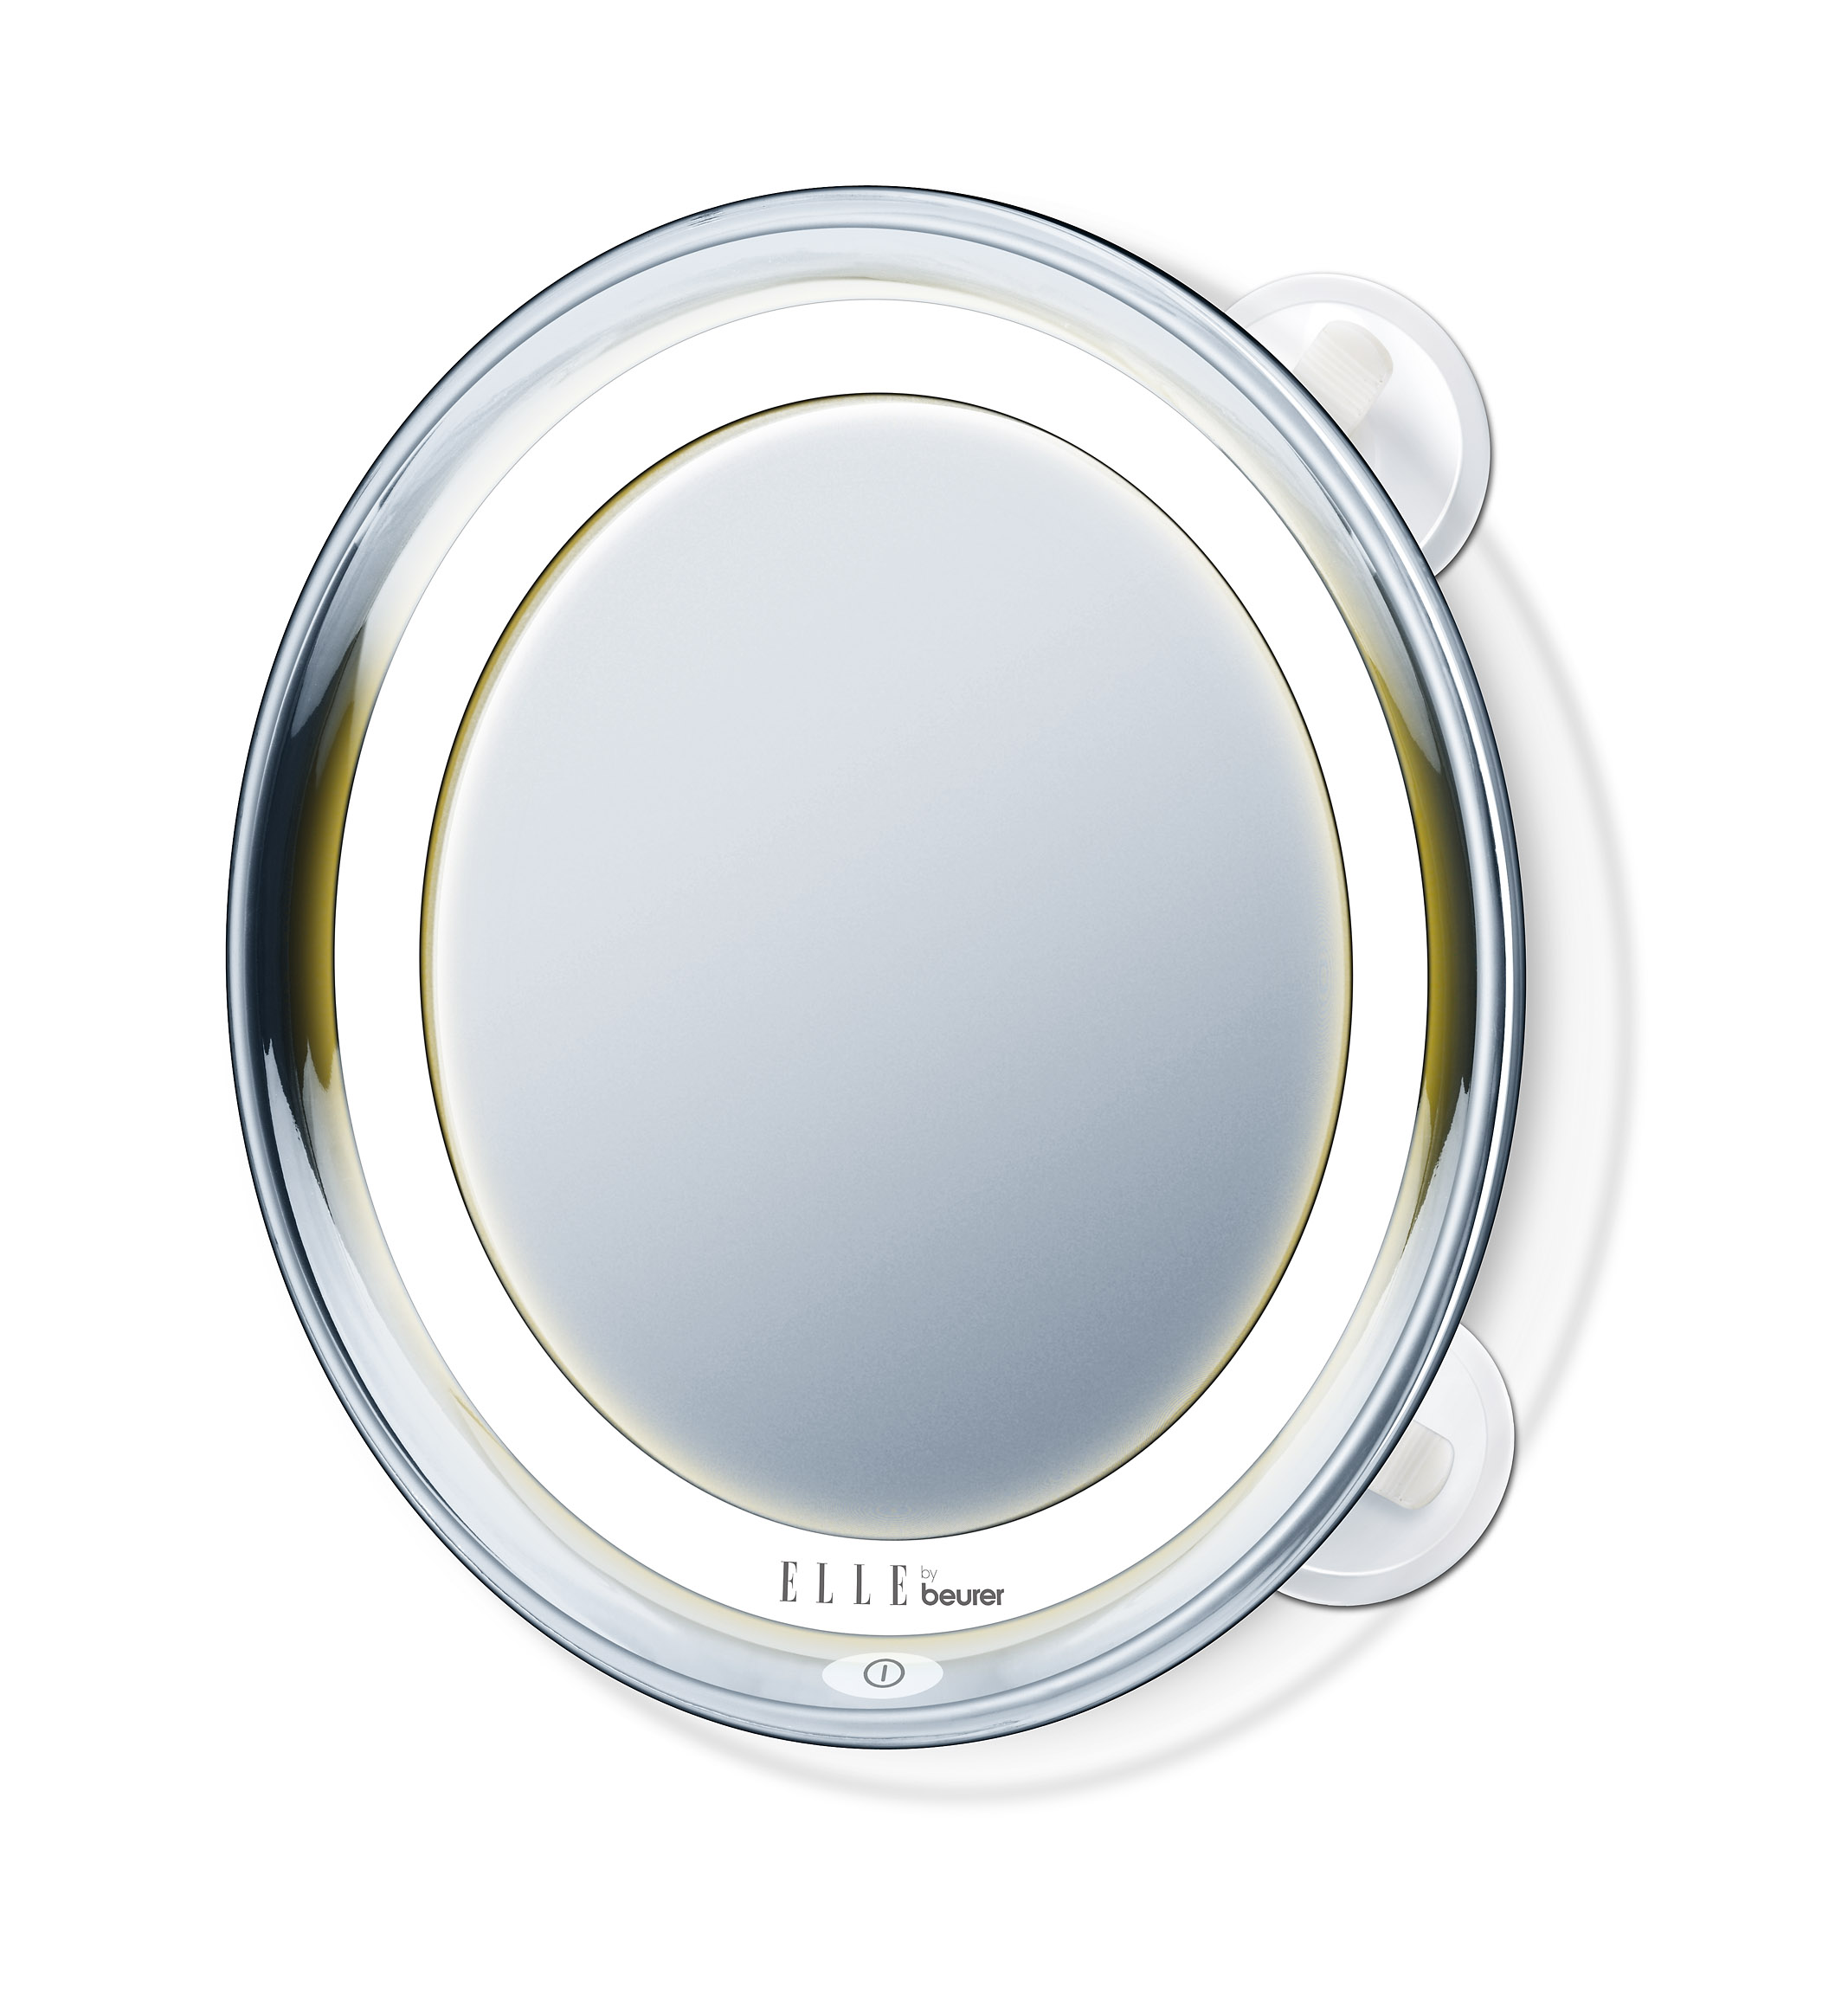 beurer fce79 beleuchteter kosmetikspiegel f r eine detaillierte sicht beim makeup. Black Bedroom Furniture Sets. Home Design Ideas